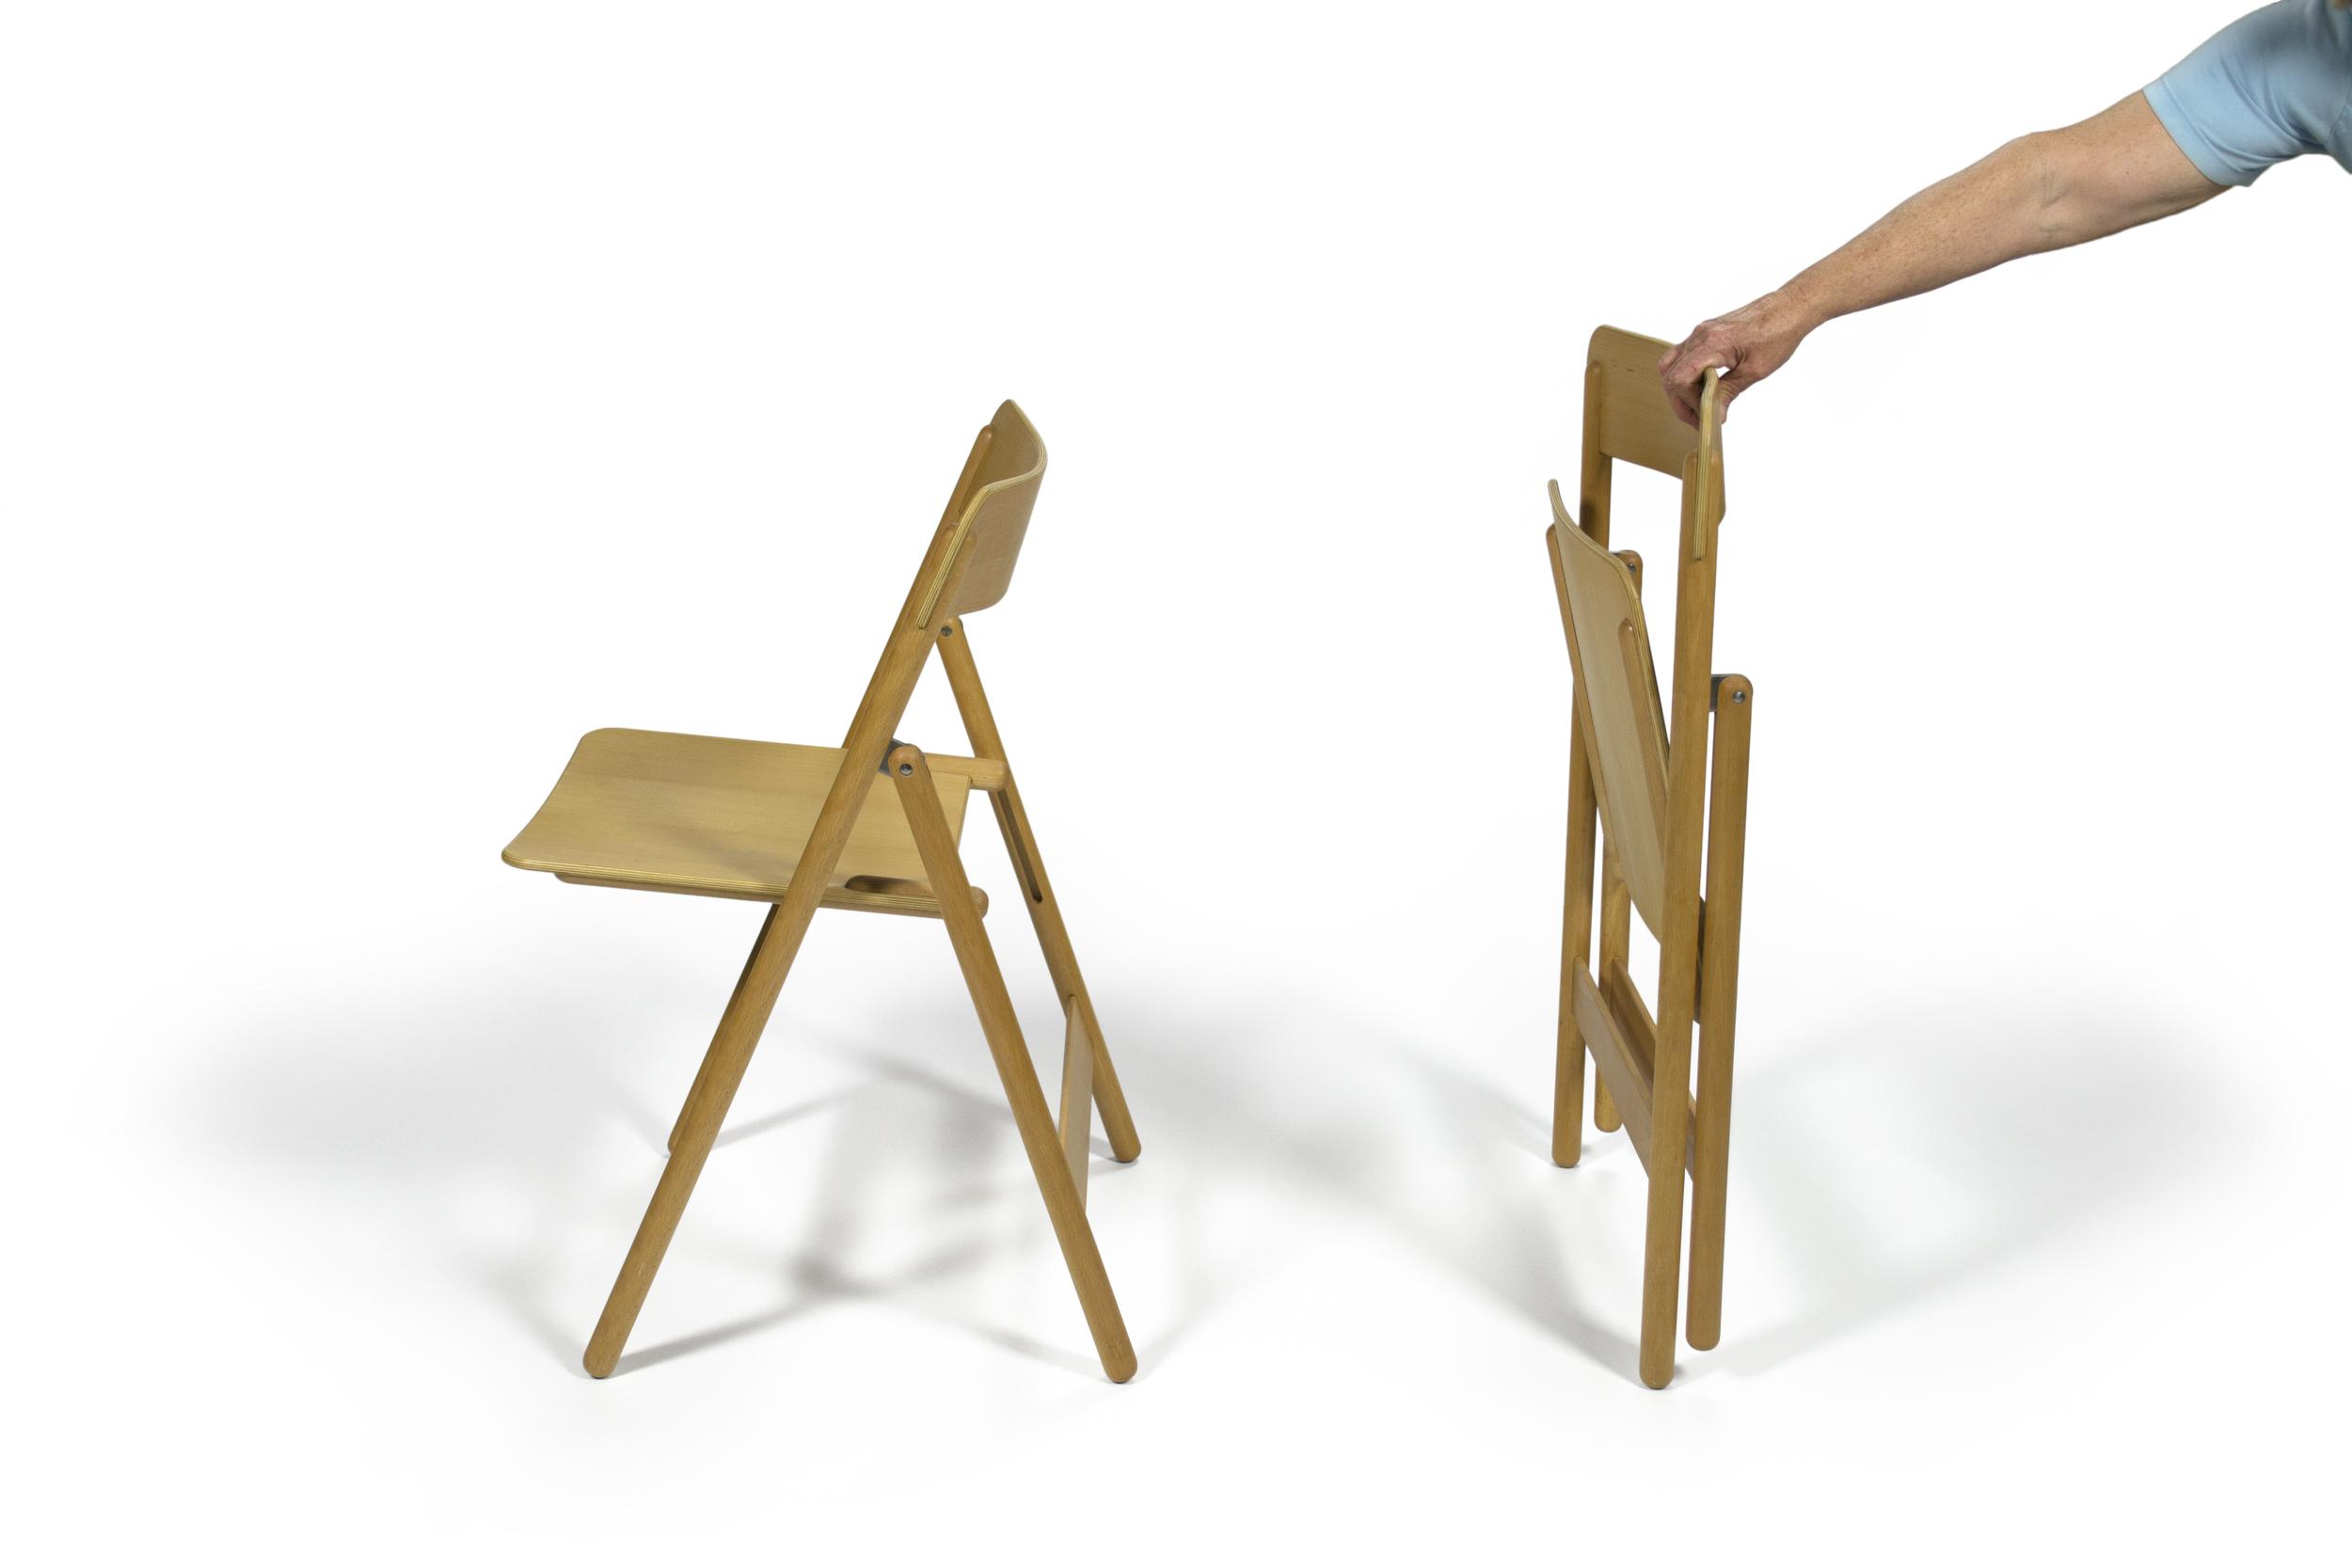 foldingchairs_onefolde_side.jpg